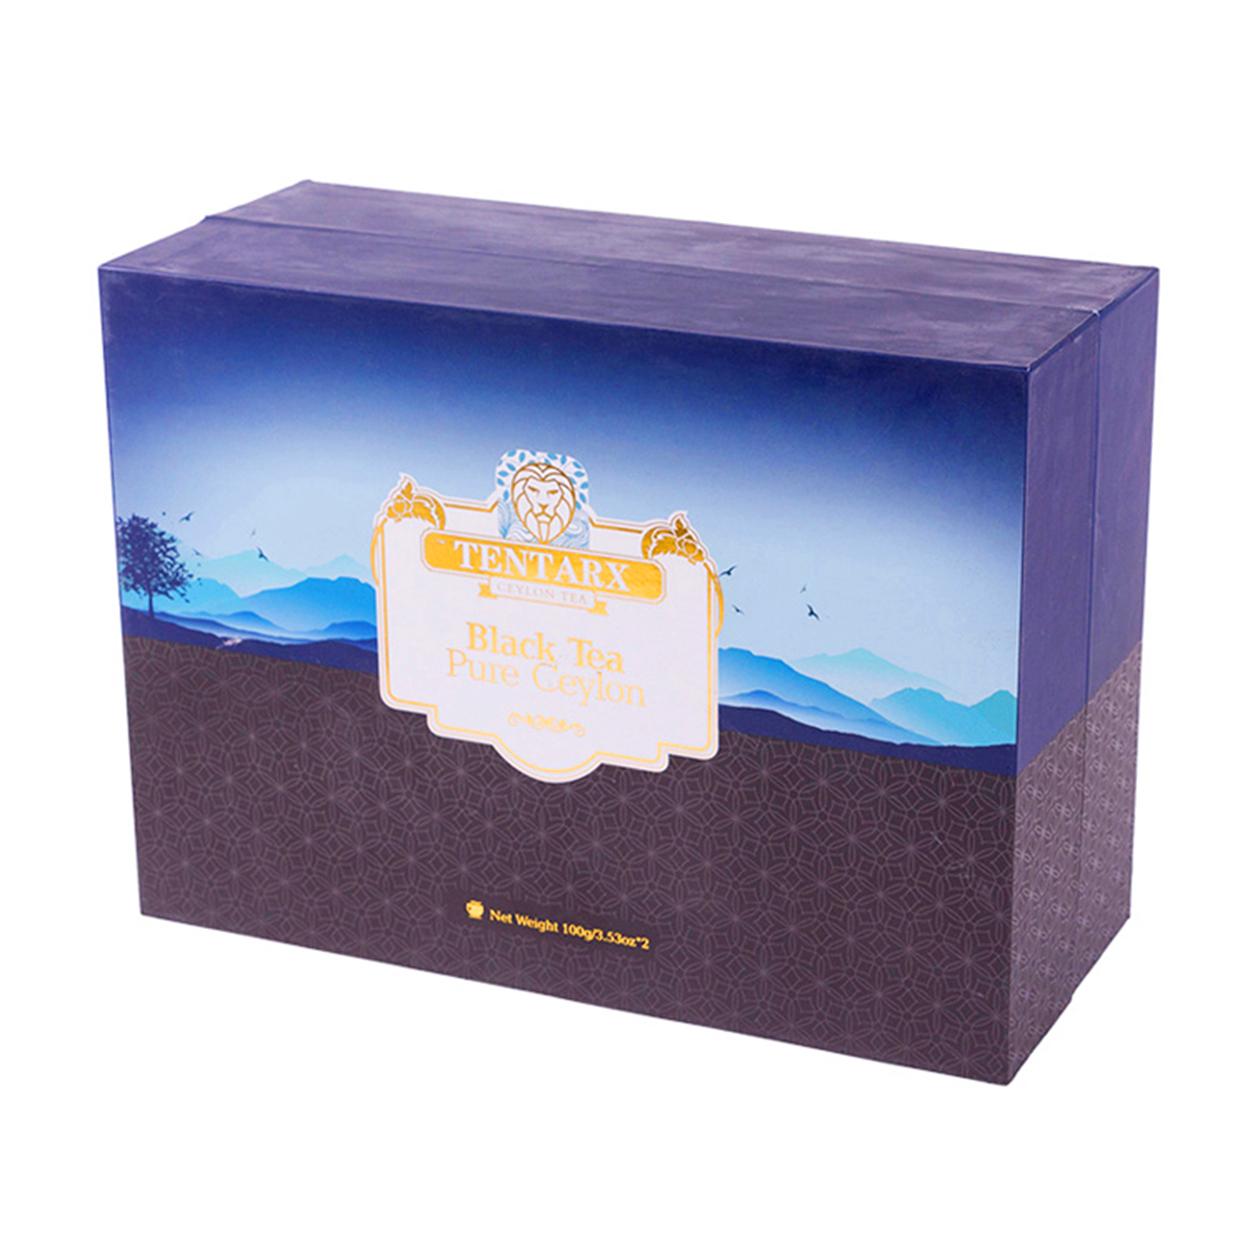 茶叶盒定制如何挑选一间好的茶叶盒印刷公司呢?-济南尚邦佳品包装制品有限公司